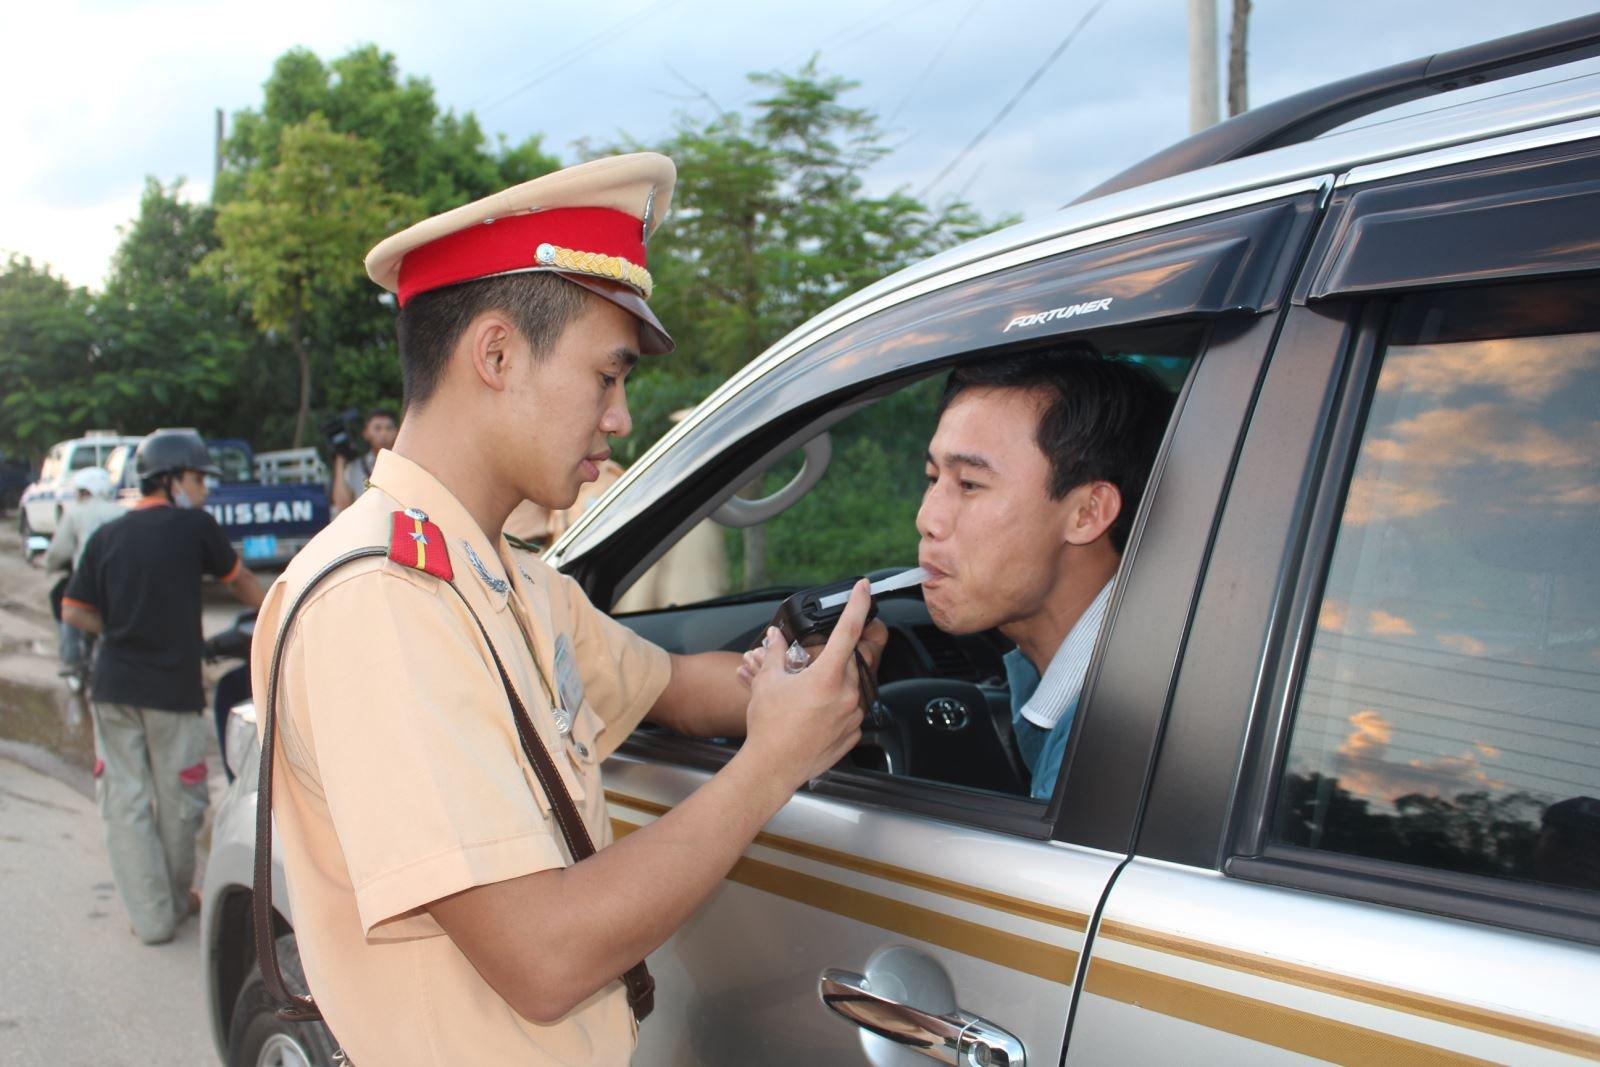 9 điều cần lưu ý để lái xe an toàn vào ban đêm - Tránh các chất ảnh hưởng tiêu cực đến khả năng lái xe